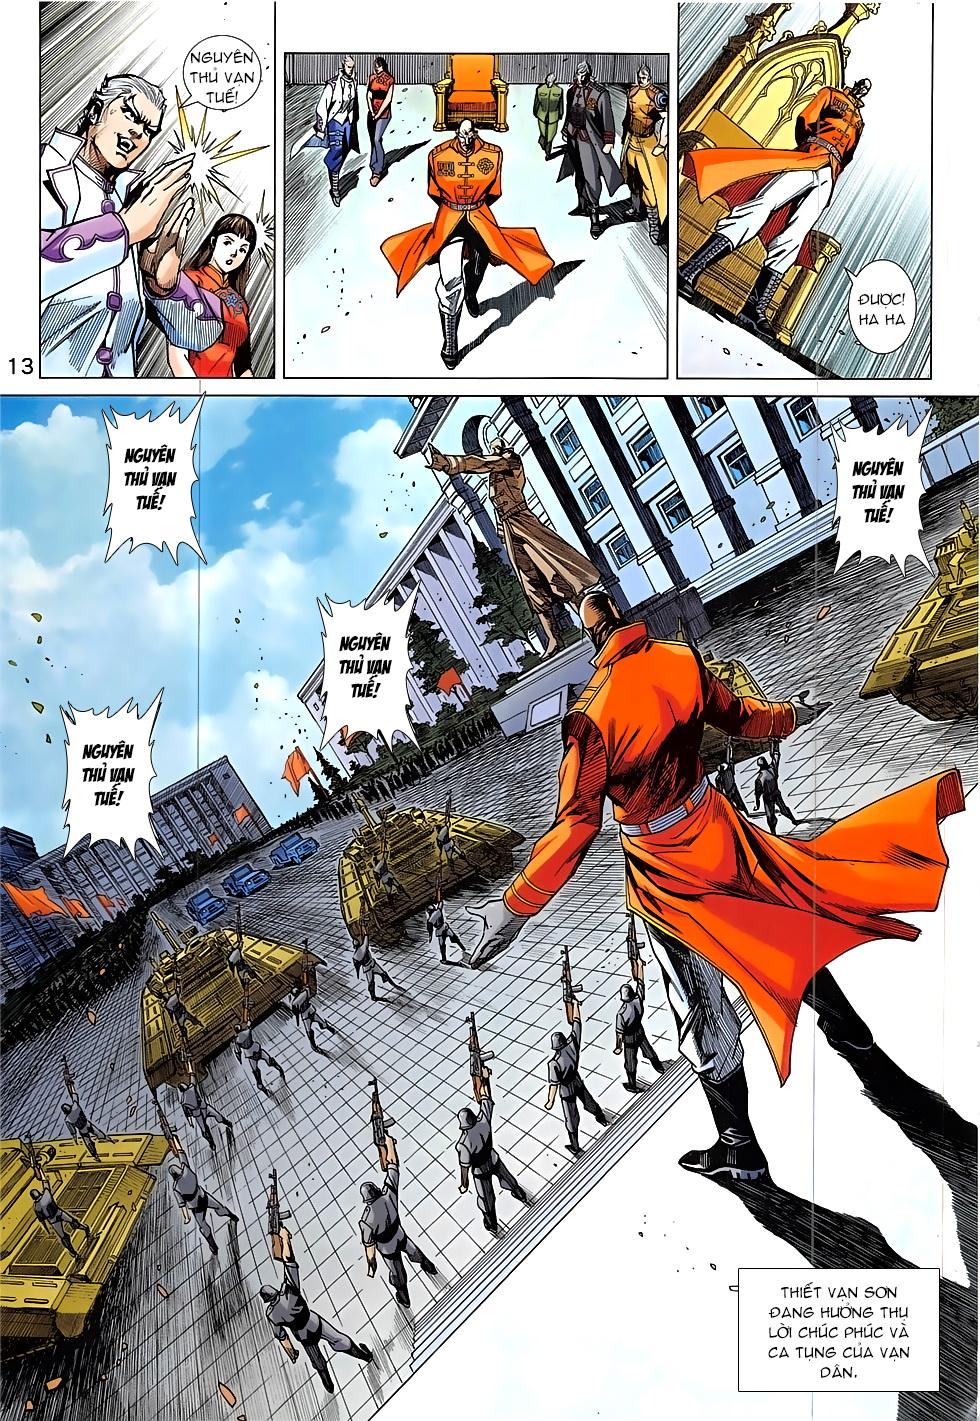 Tân Tác Long Hổ Môn Chap 837 page 13 - Truyentranhaz.net